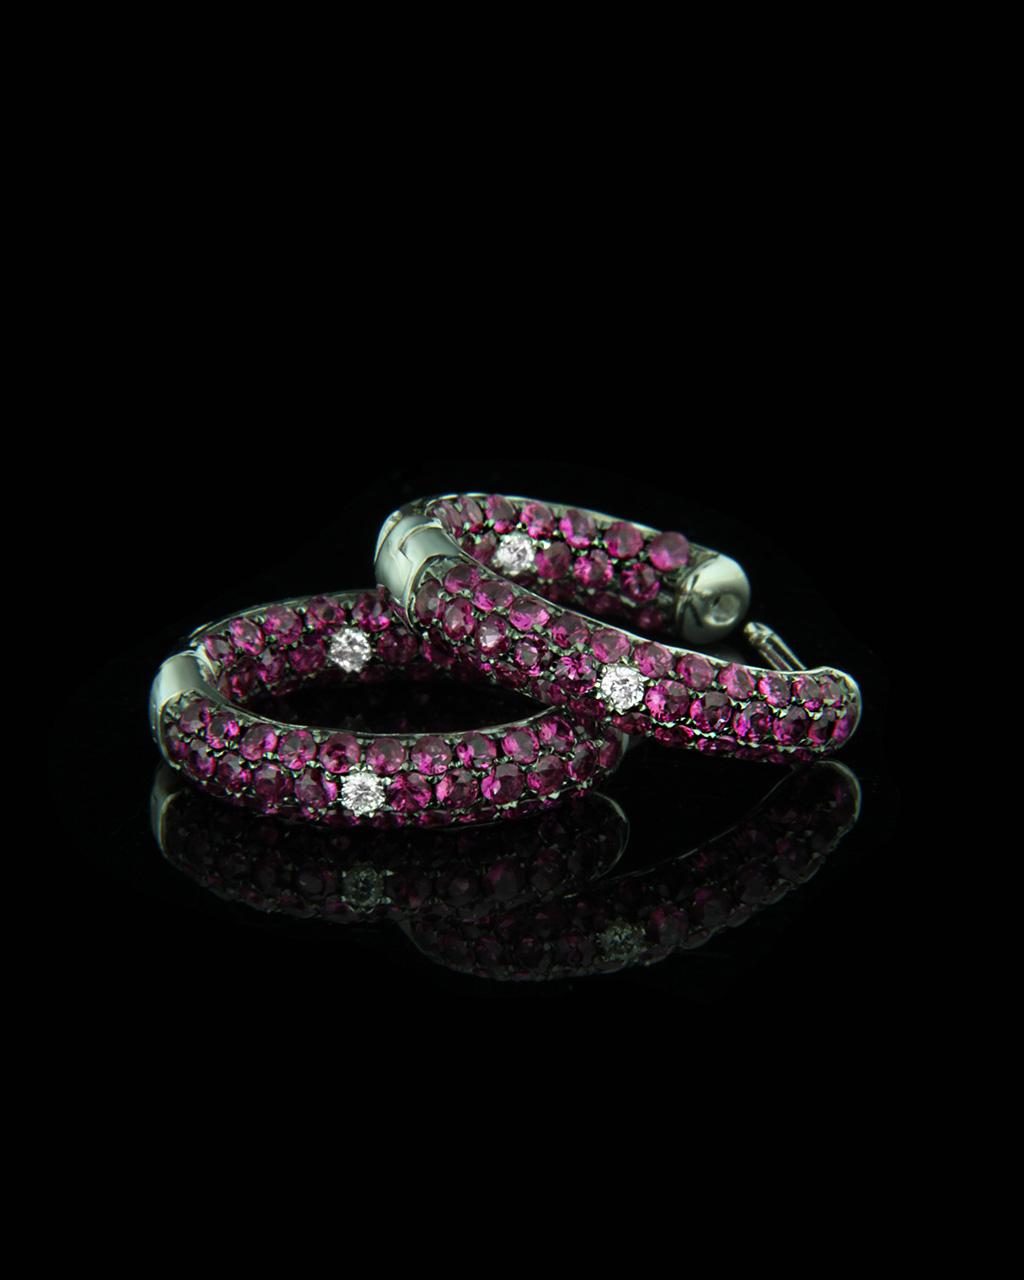 Σκουλαρίκια Κρίκοι λευκόχρυσα Κ18 με Διαμάντια & Ρουμπίνια   γυναικα σκουλαρίκια σκουλαρίκια κρίκοι